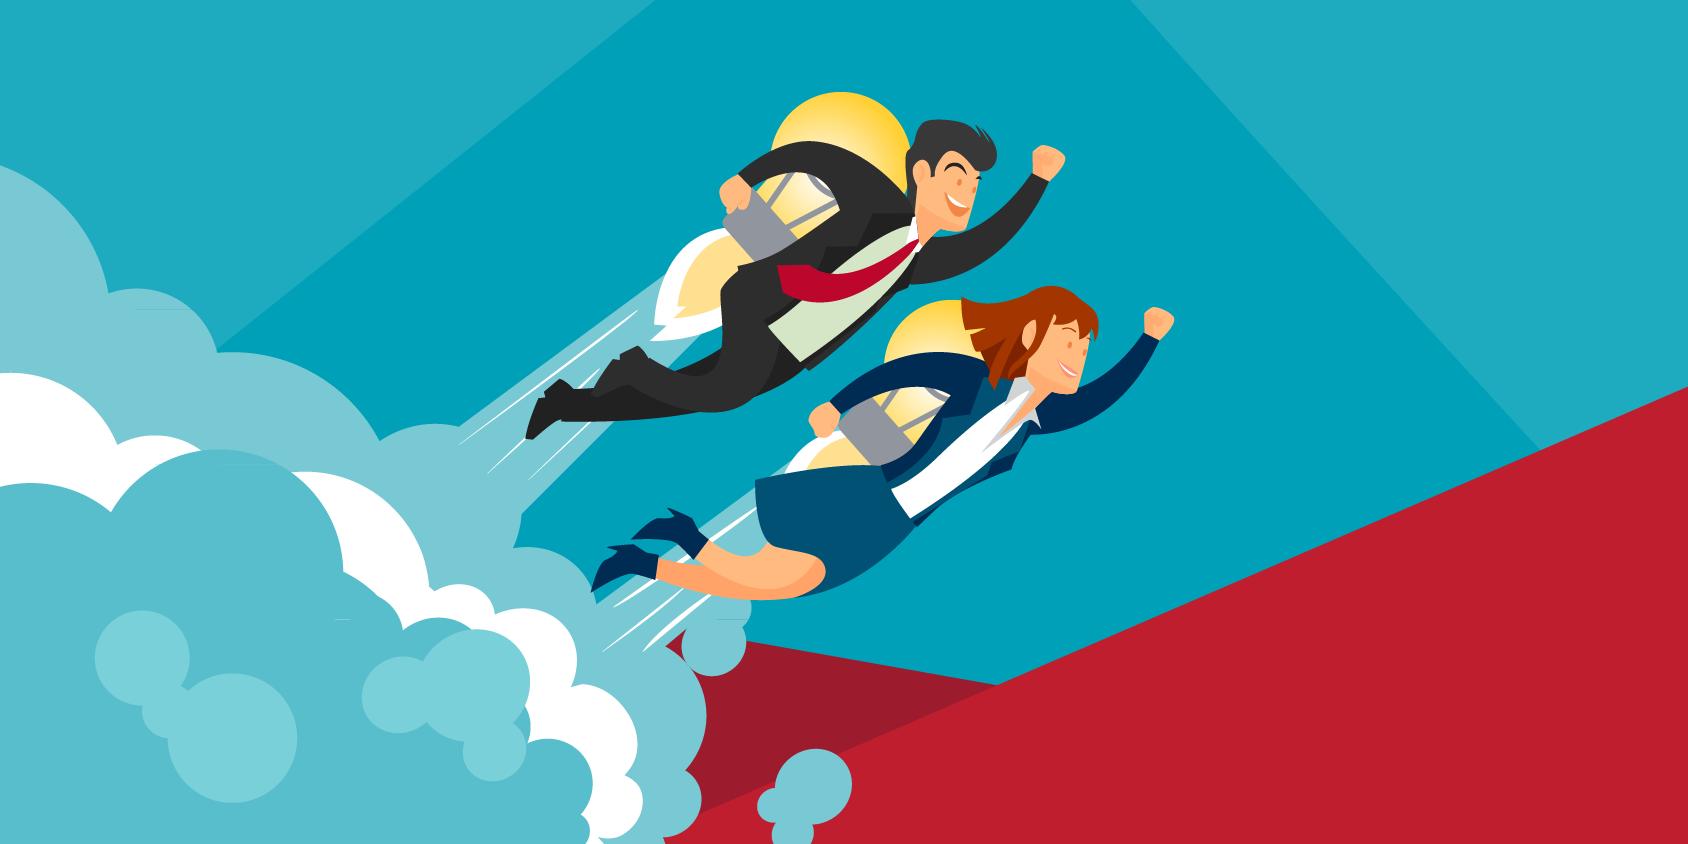 Como criar um Modelo de Negócio inovador?